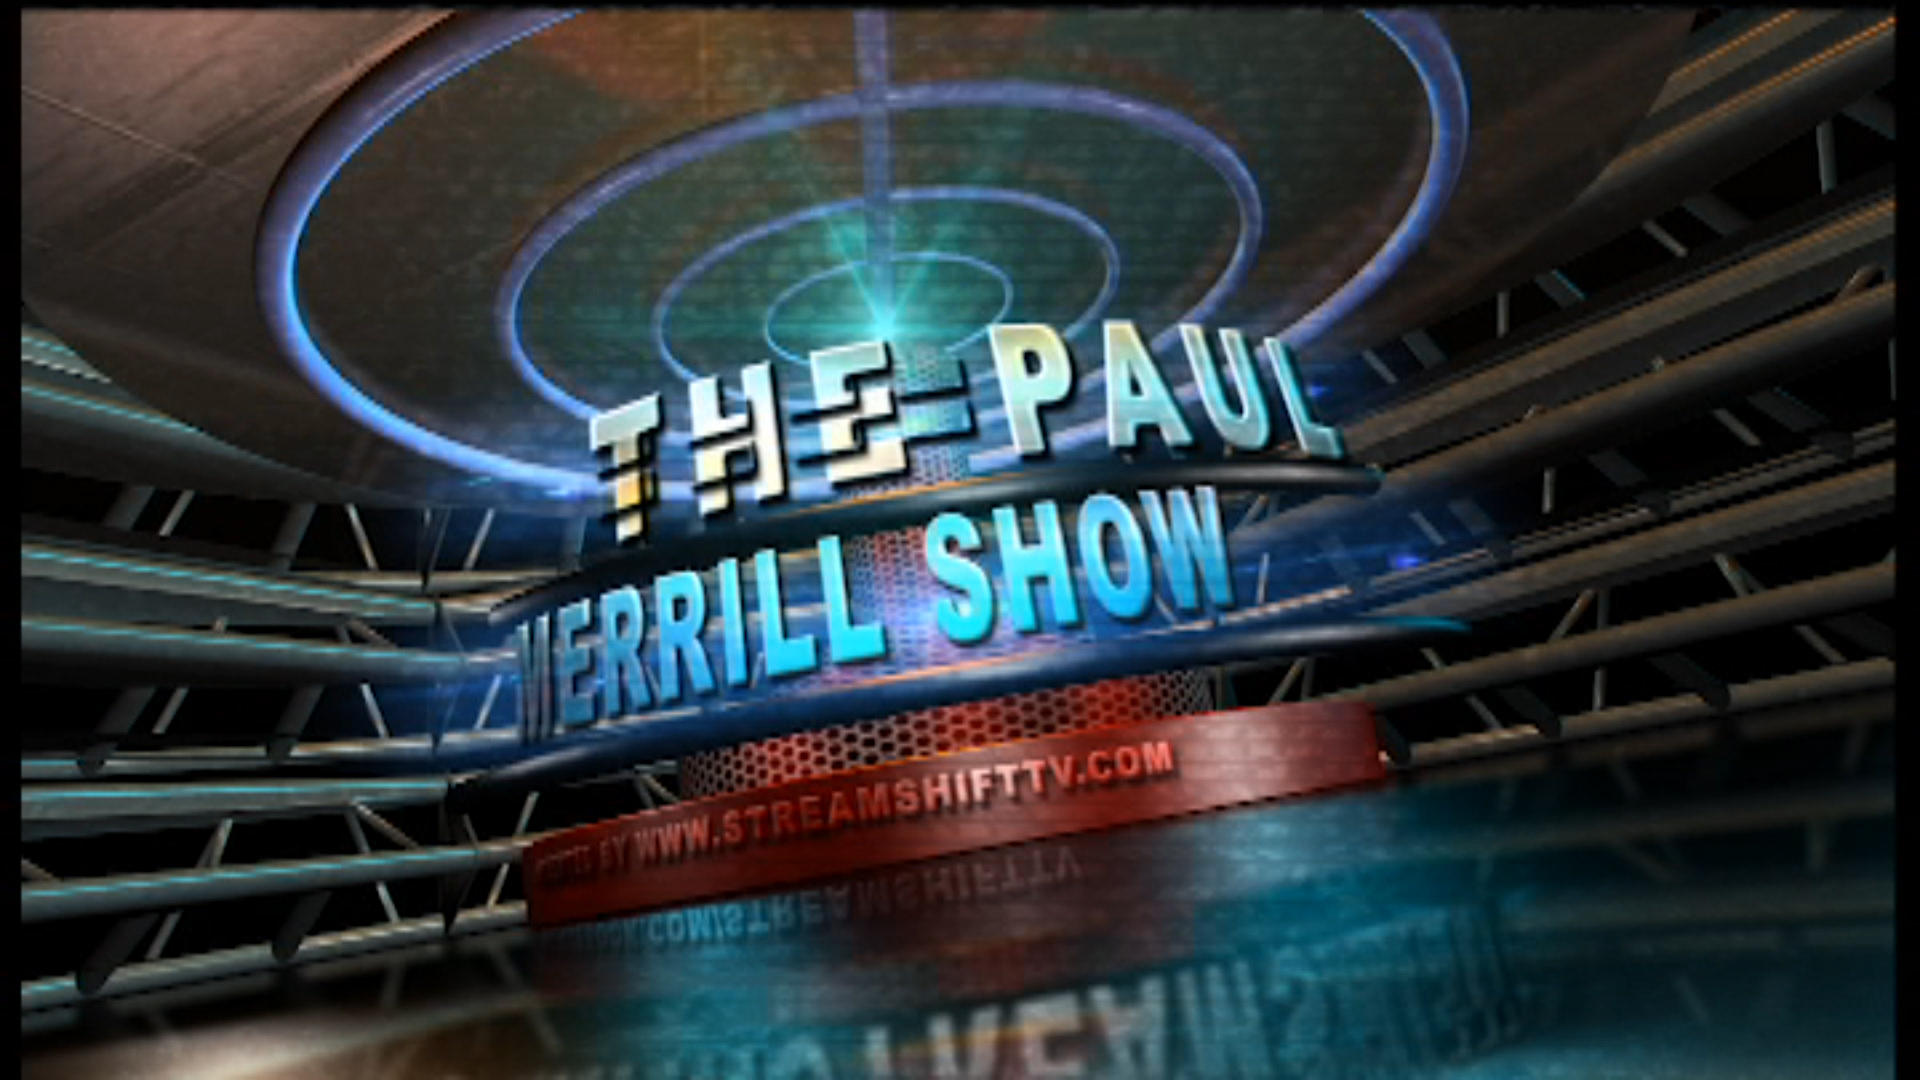 The Paul Merrill Show - June 3rd, 2019